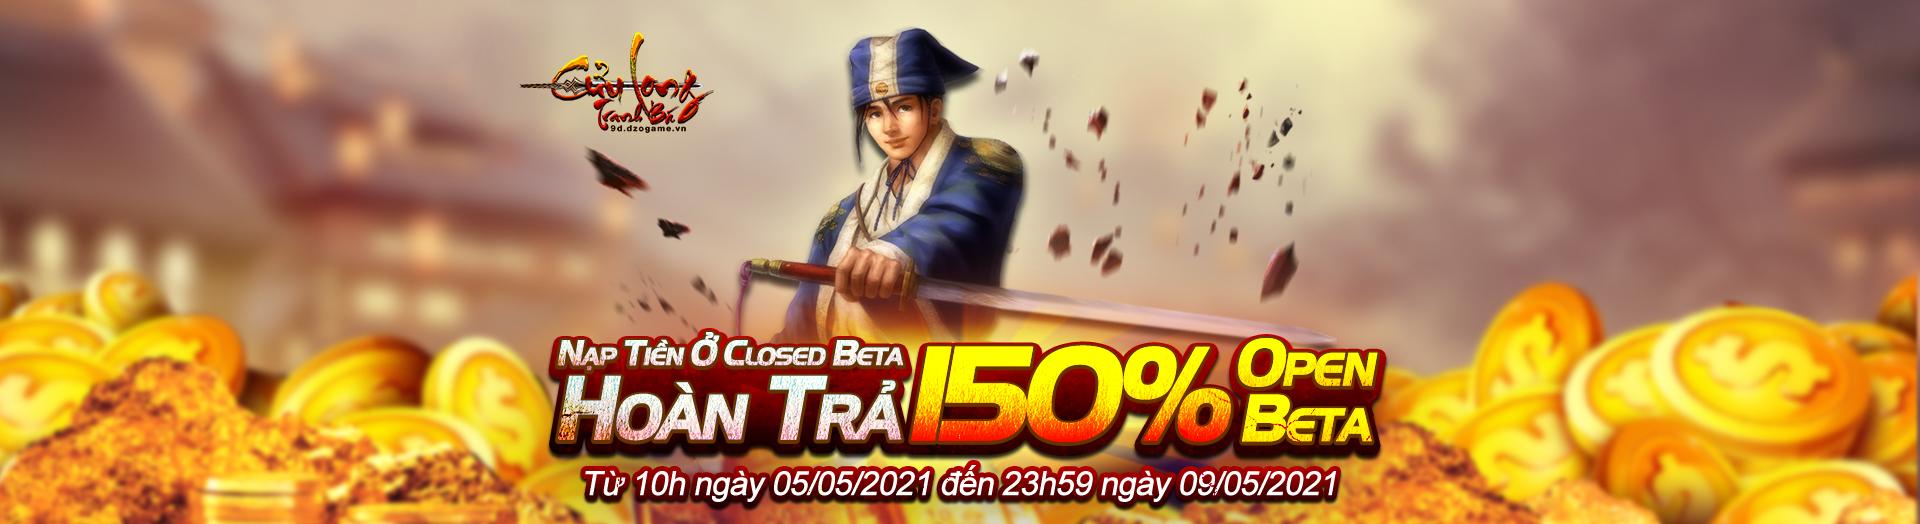 image Khi tham gia nạp tiền vào Game tại ClosedBeta sẽ được hoàn trả 150% giá trị vào Game tại OpenBeta